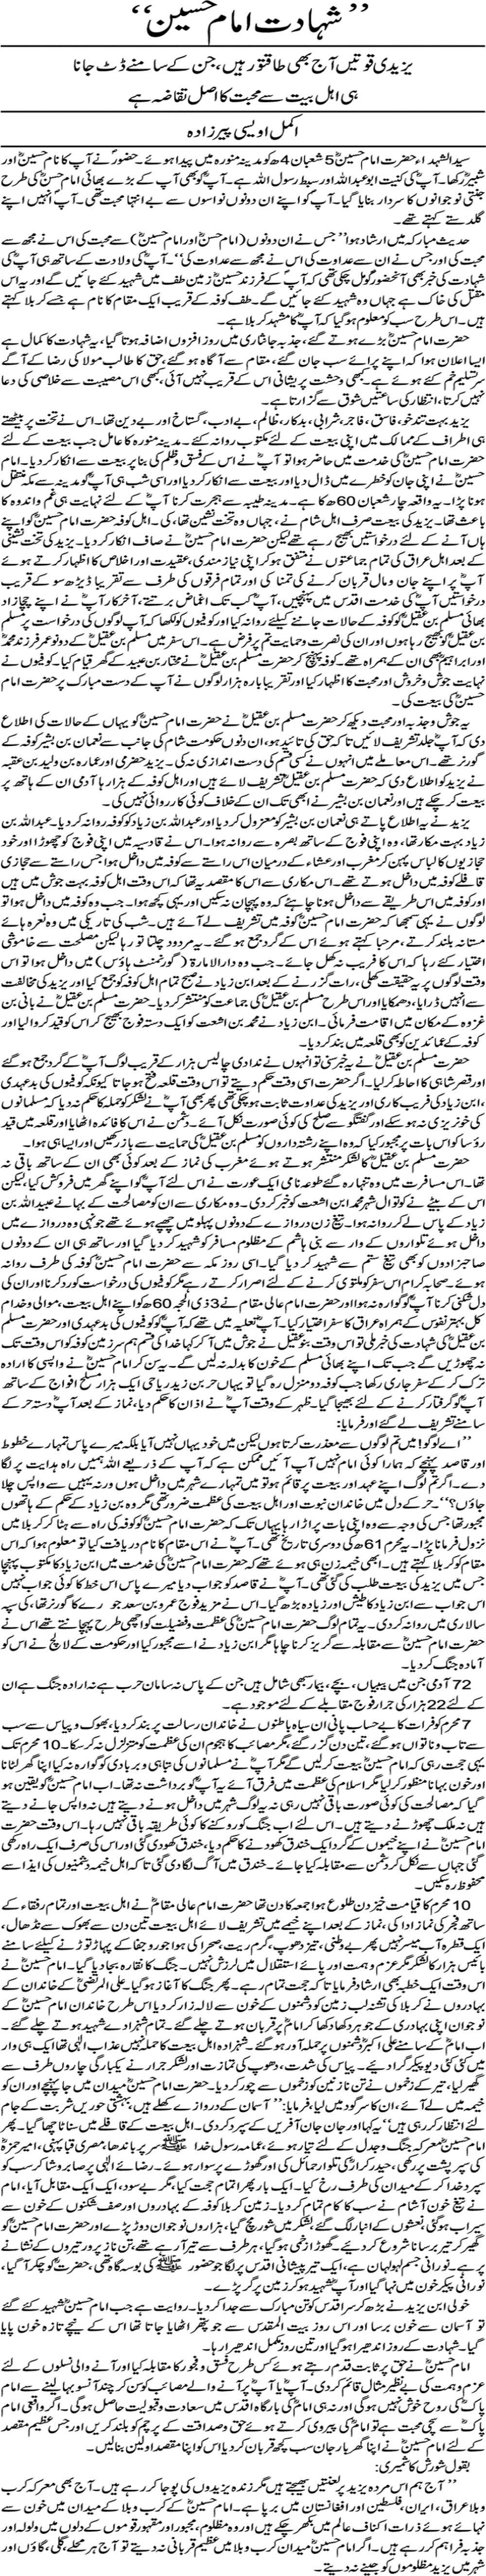 imam hussain story in urdu pdf